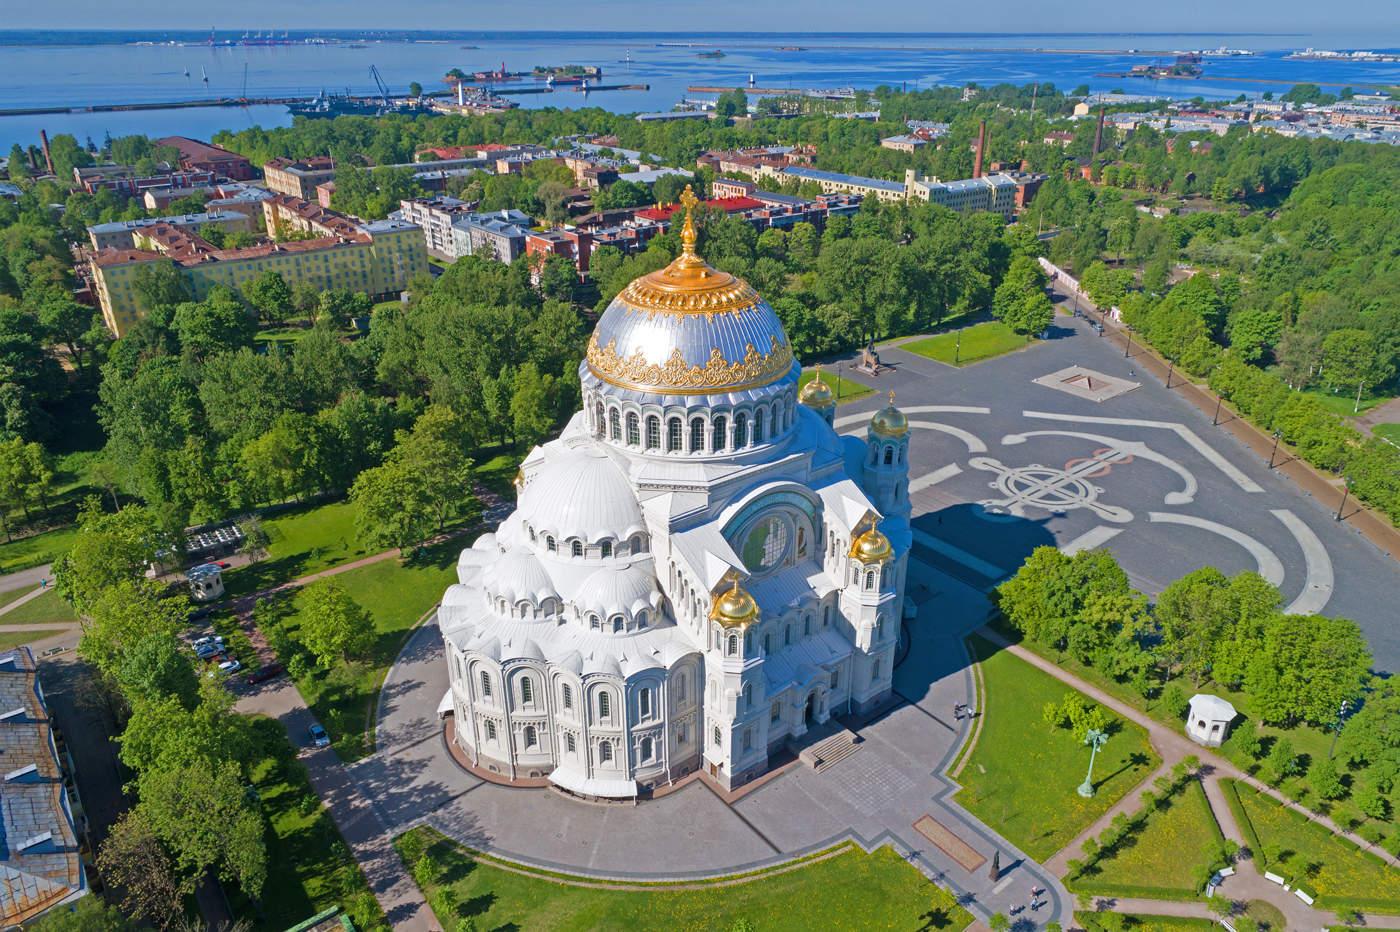 Экскурсия в Кронштадт на Метеоре из Санкт-Петербурга